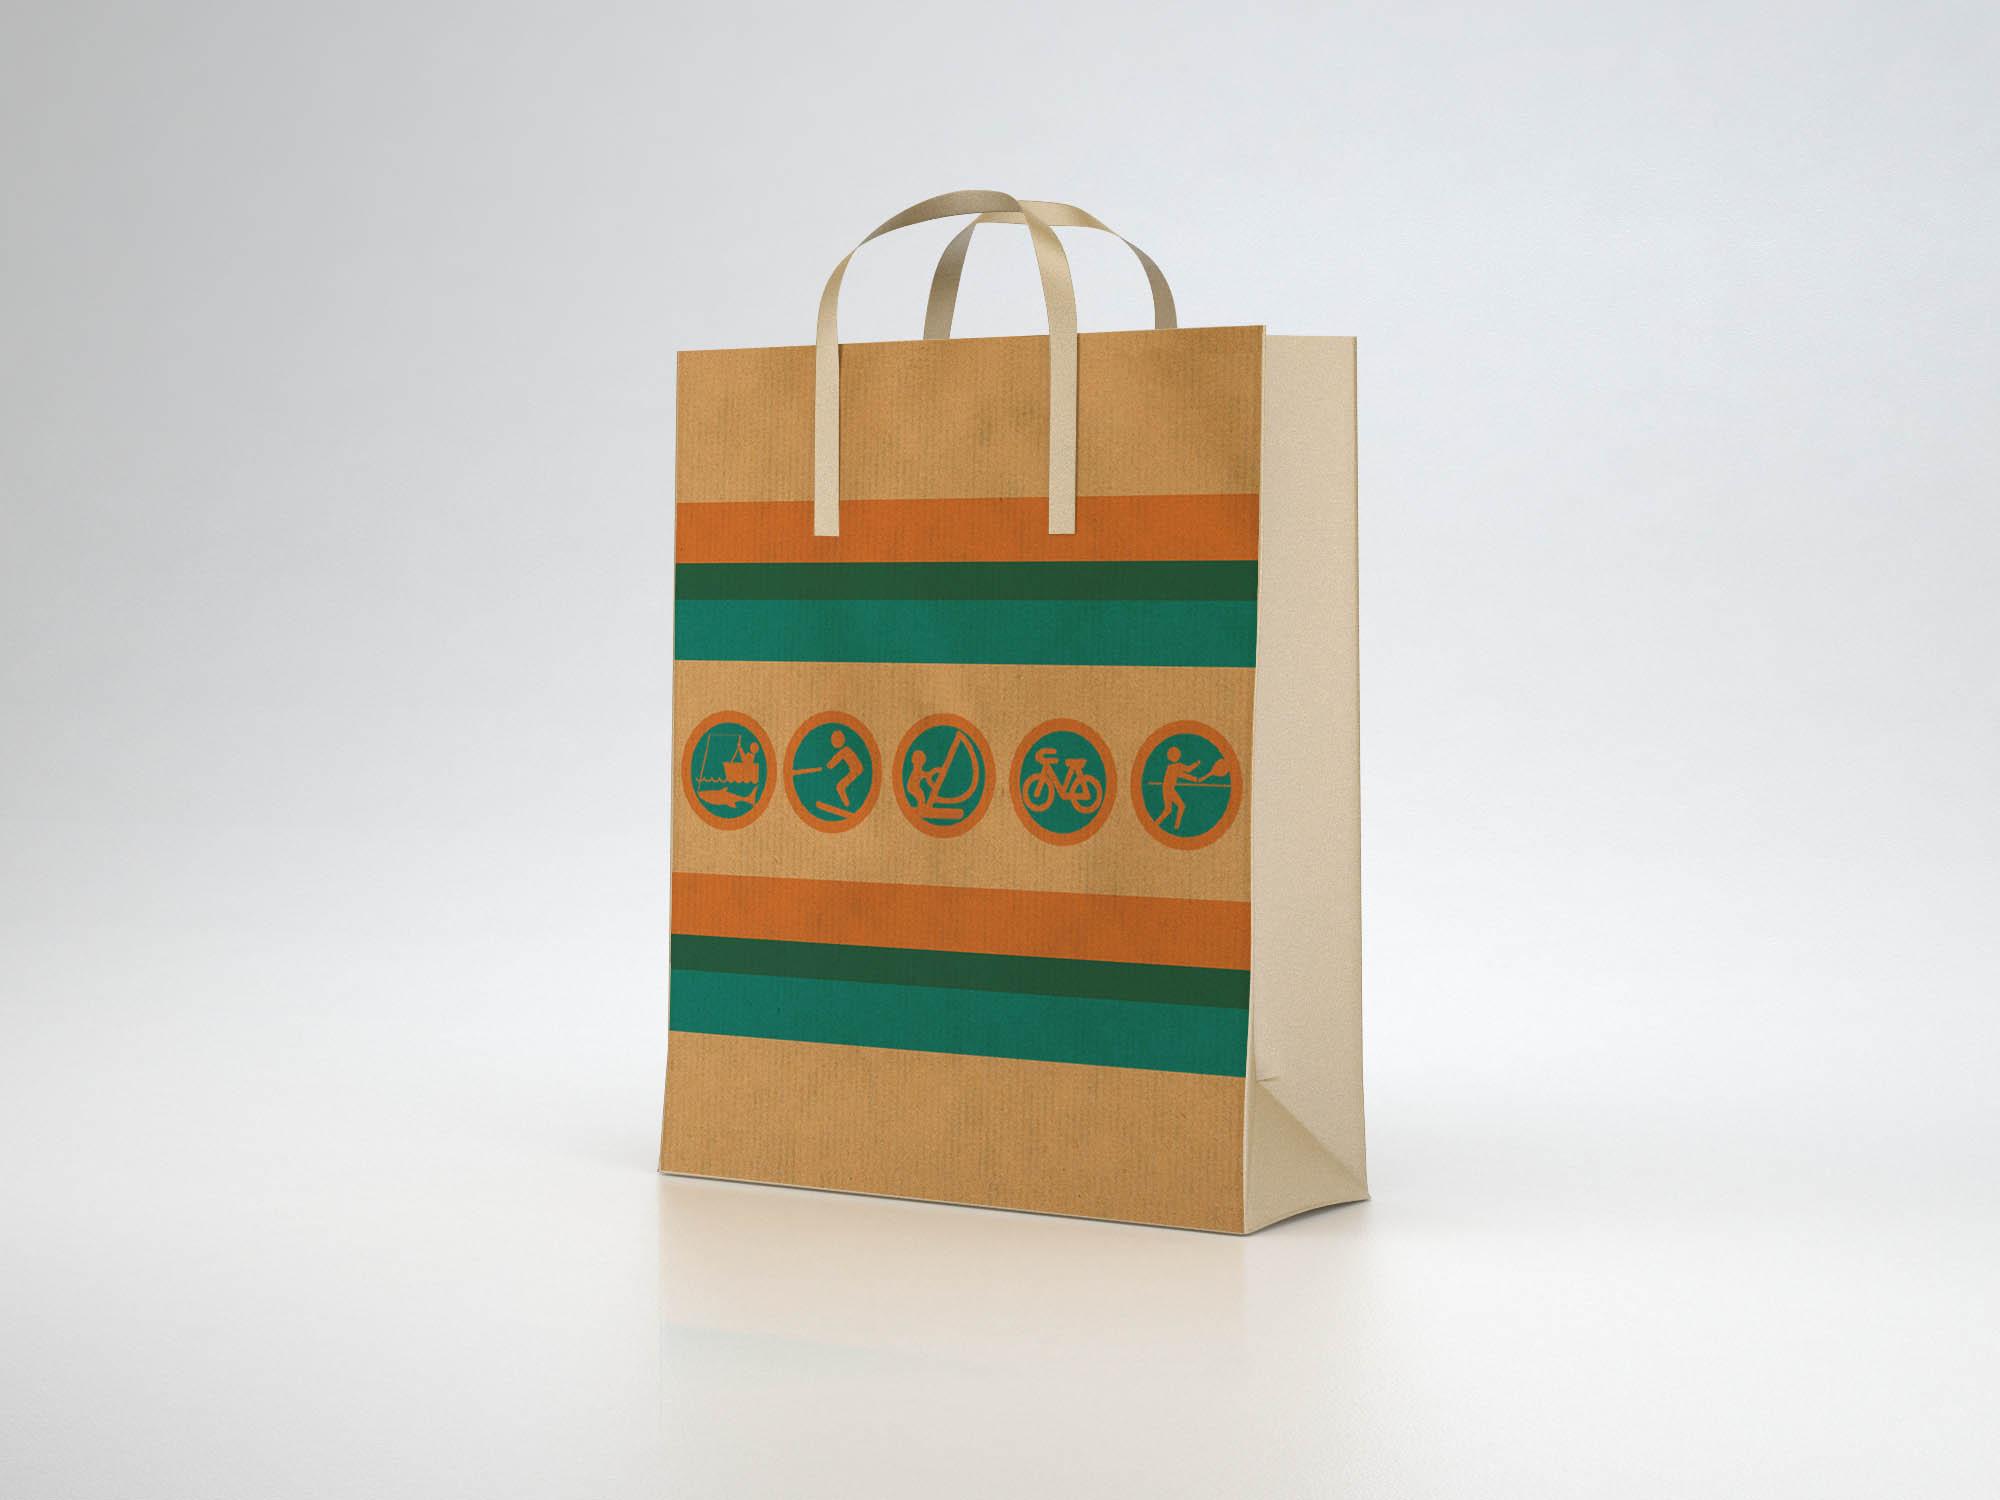 sacs 02